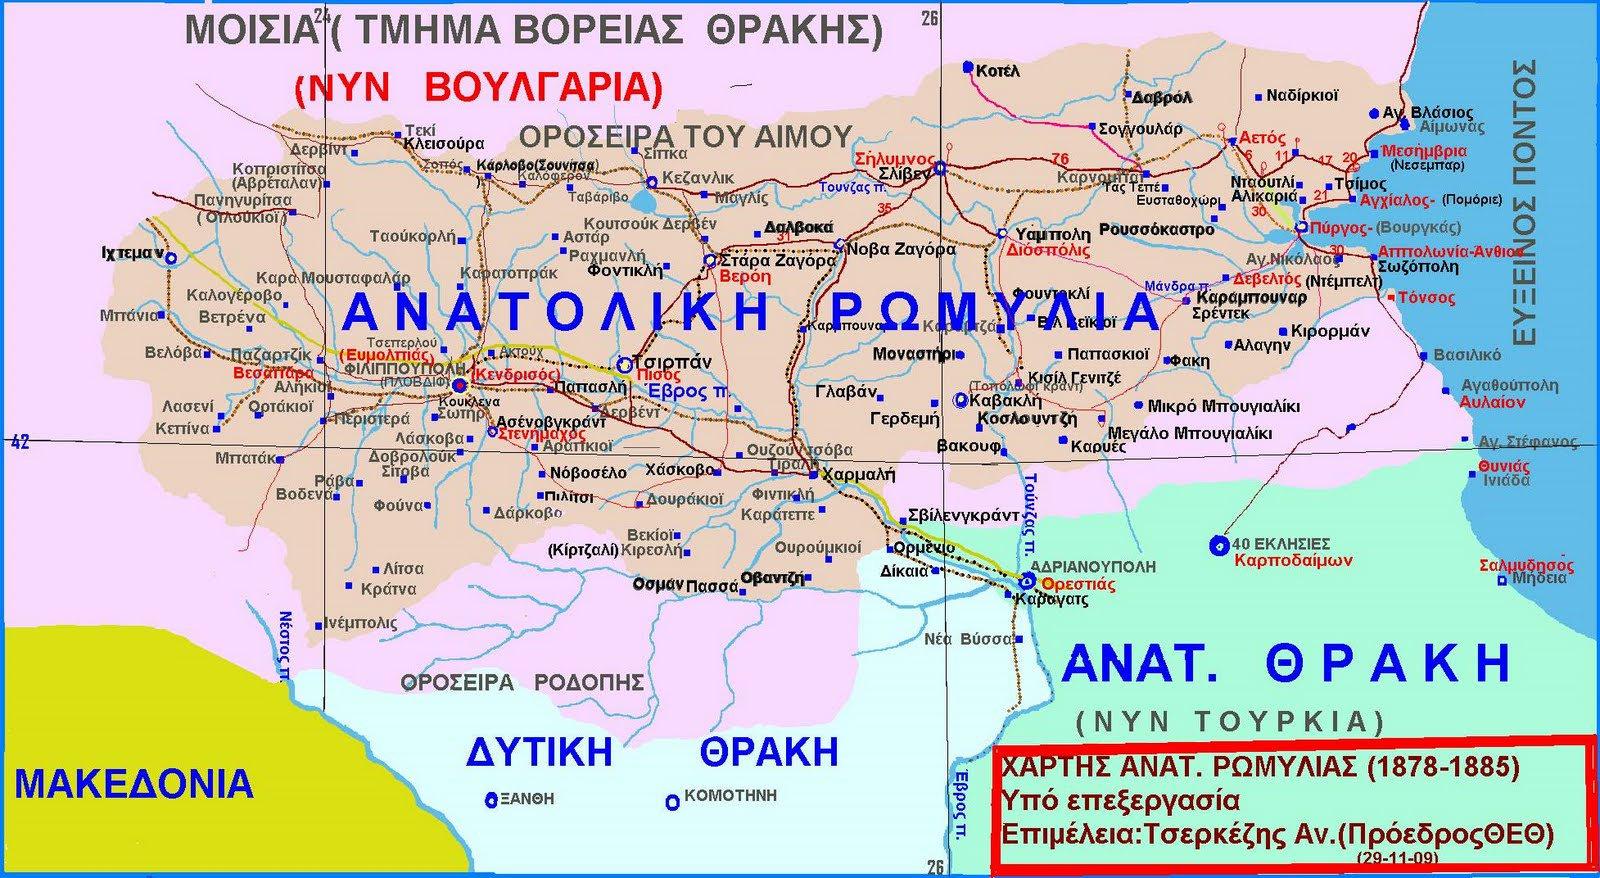 Αποτέλεσμα εικόνας για 900.000 Έλληνες στην Αλβανία σύμφωνα με την έρευνα του Ελβετικού ινστιτούτο «iGENEA»